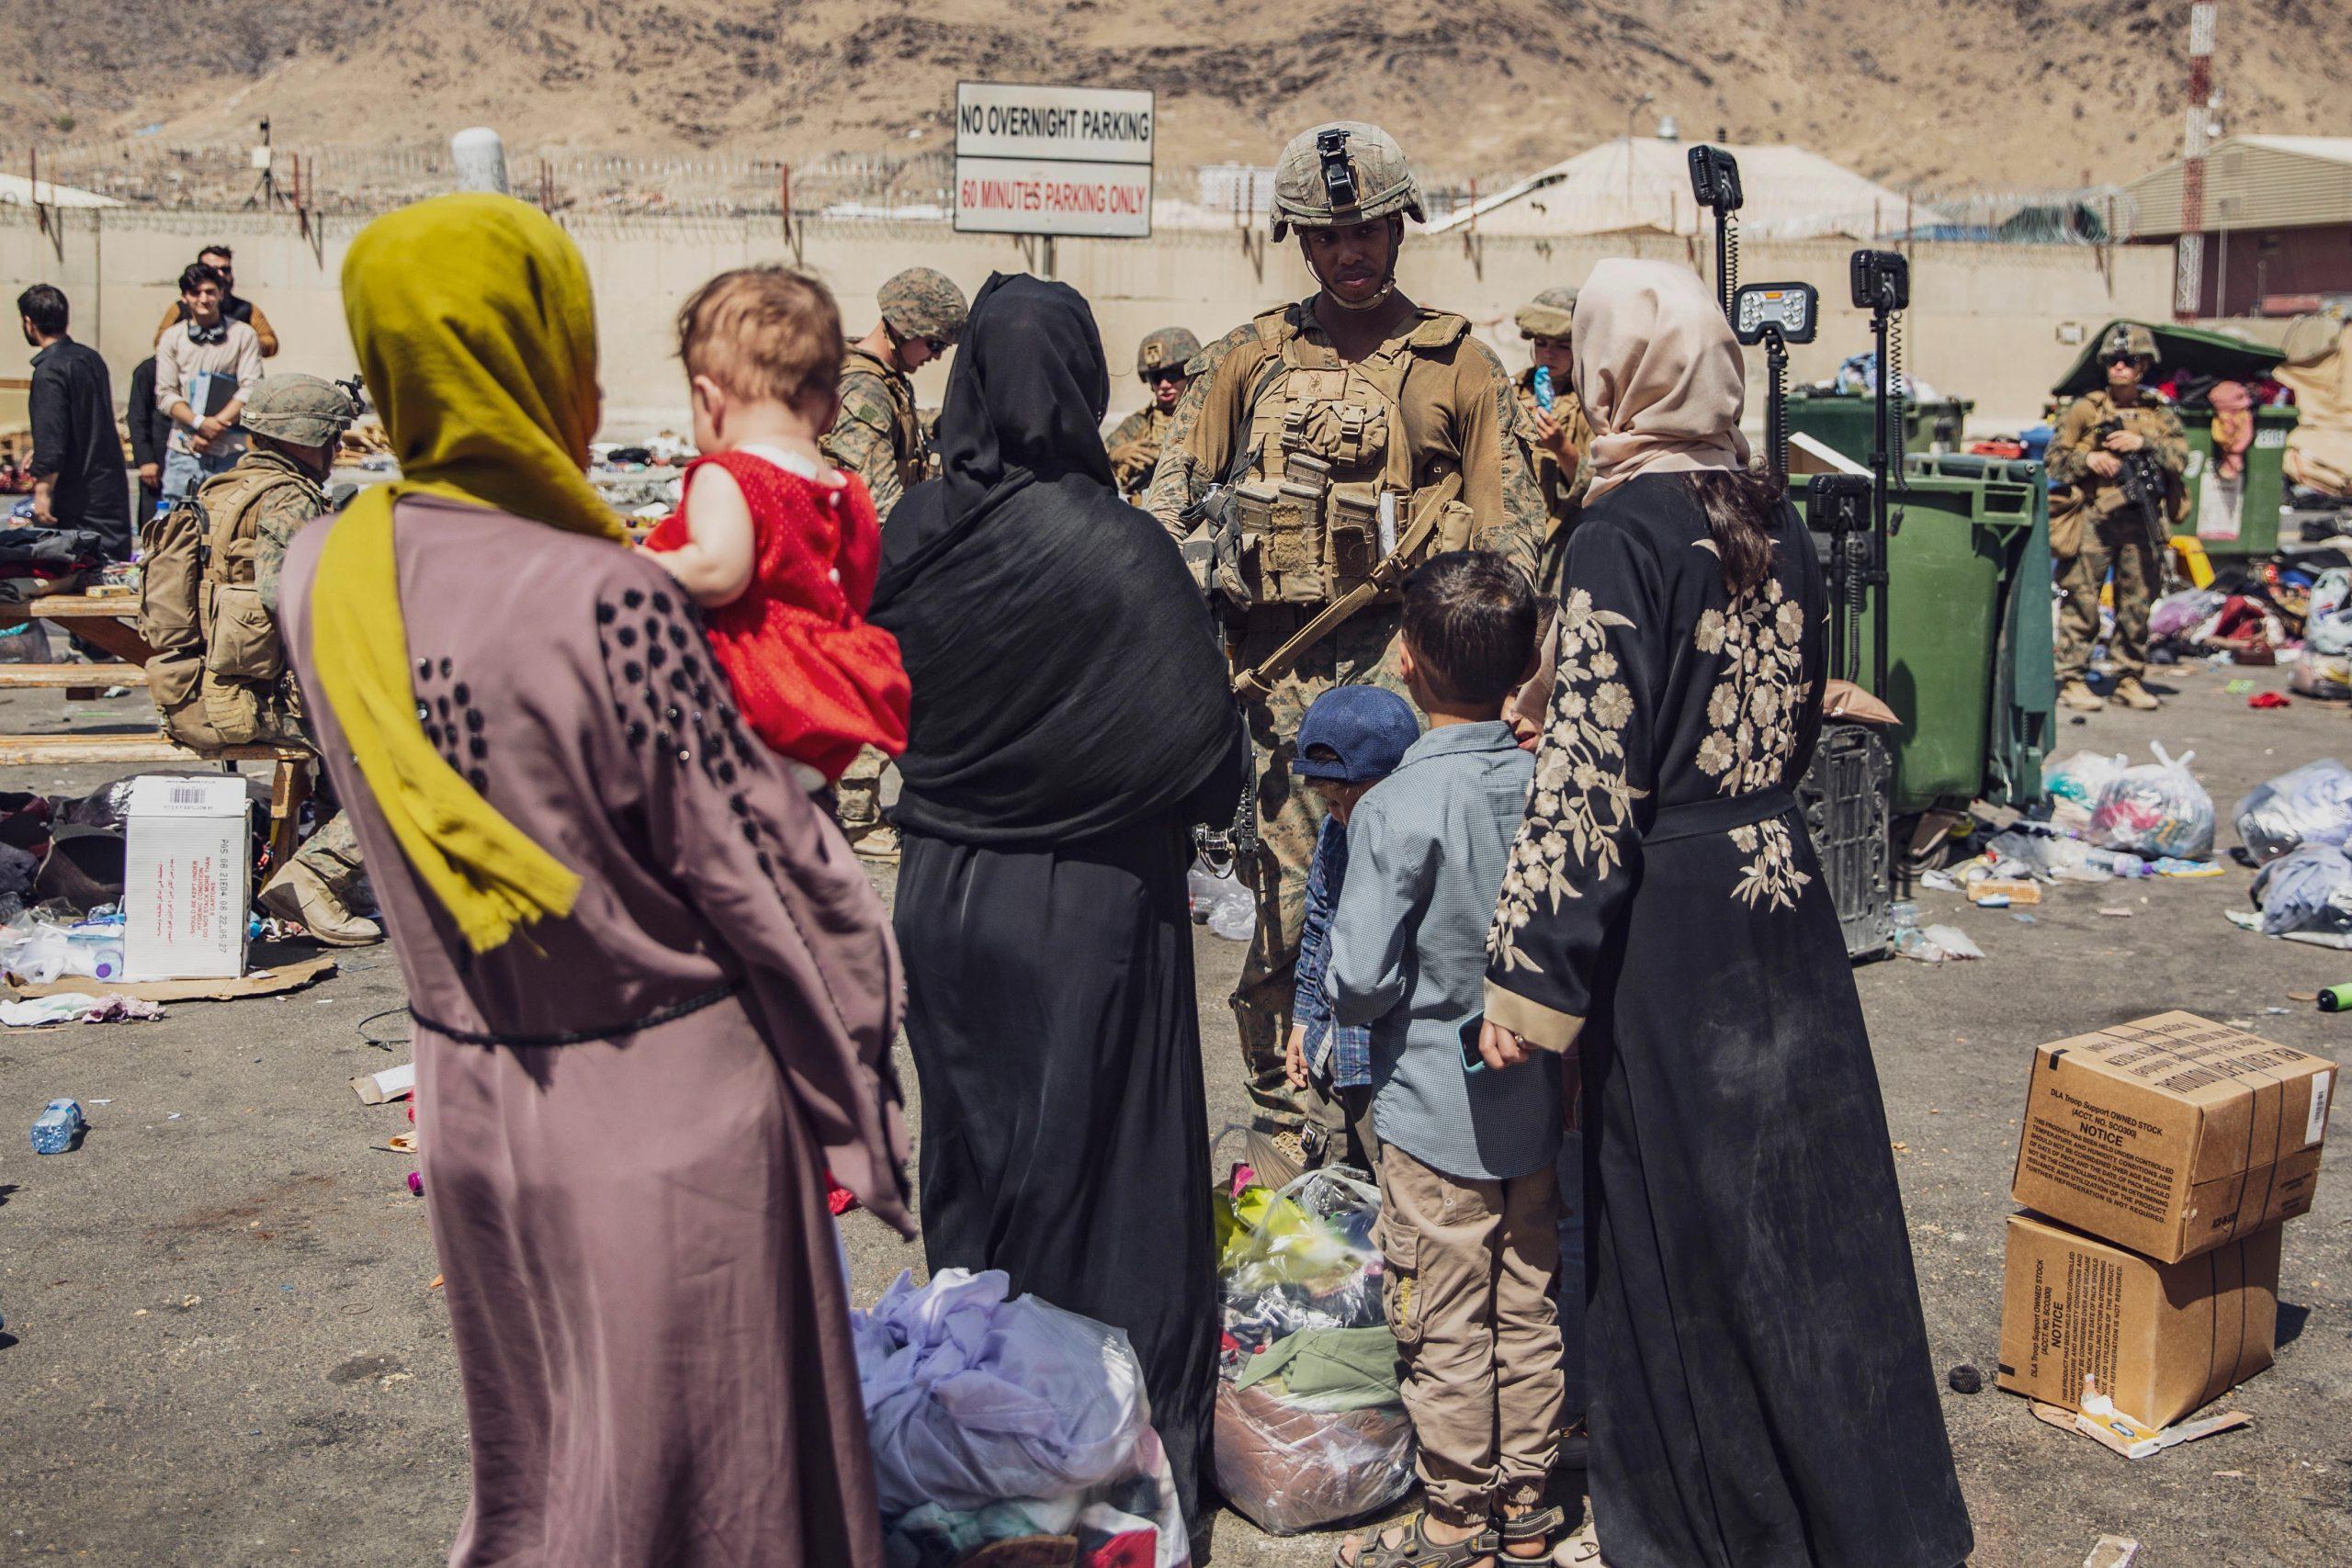 Afganistán, el gran engaño Por Fabrizio Casari | altrenotizie.org